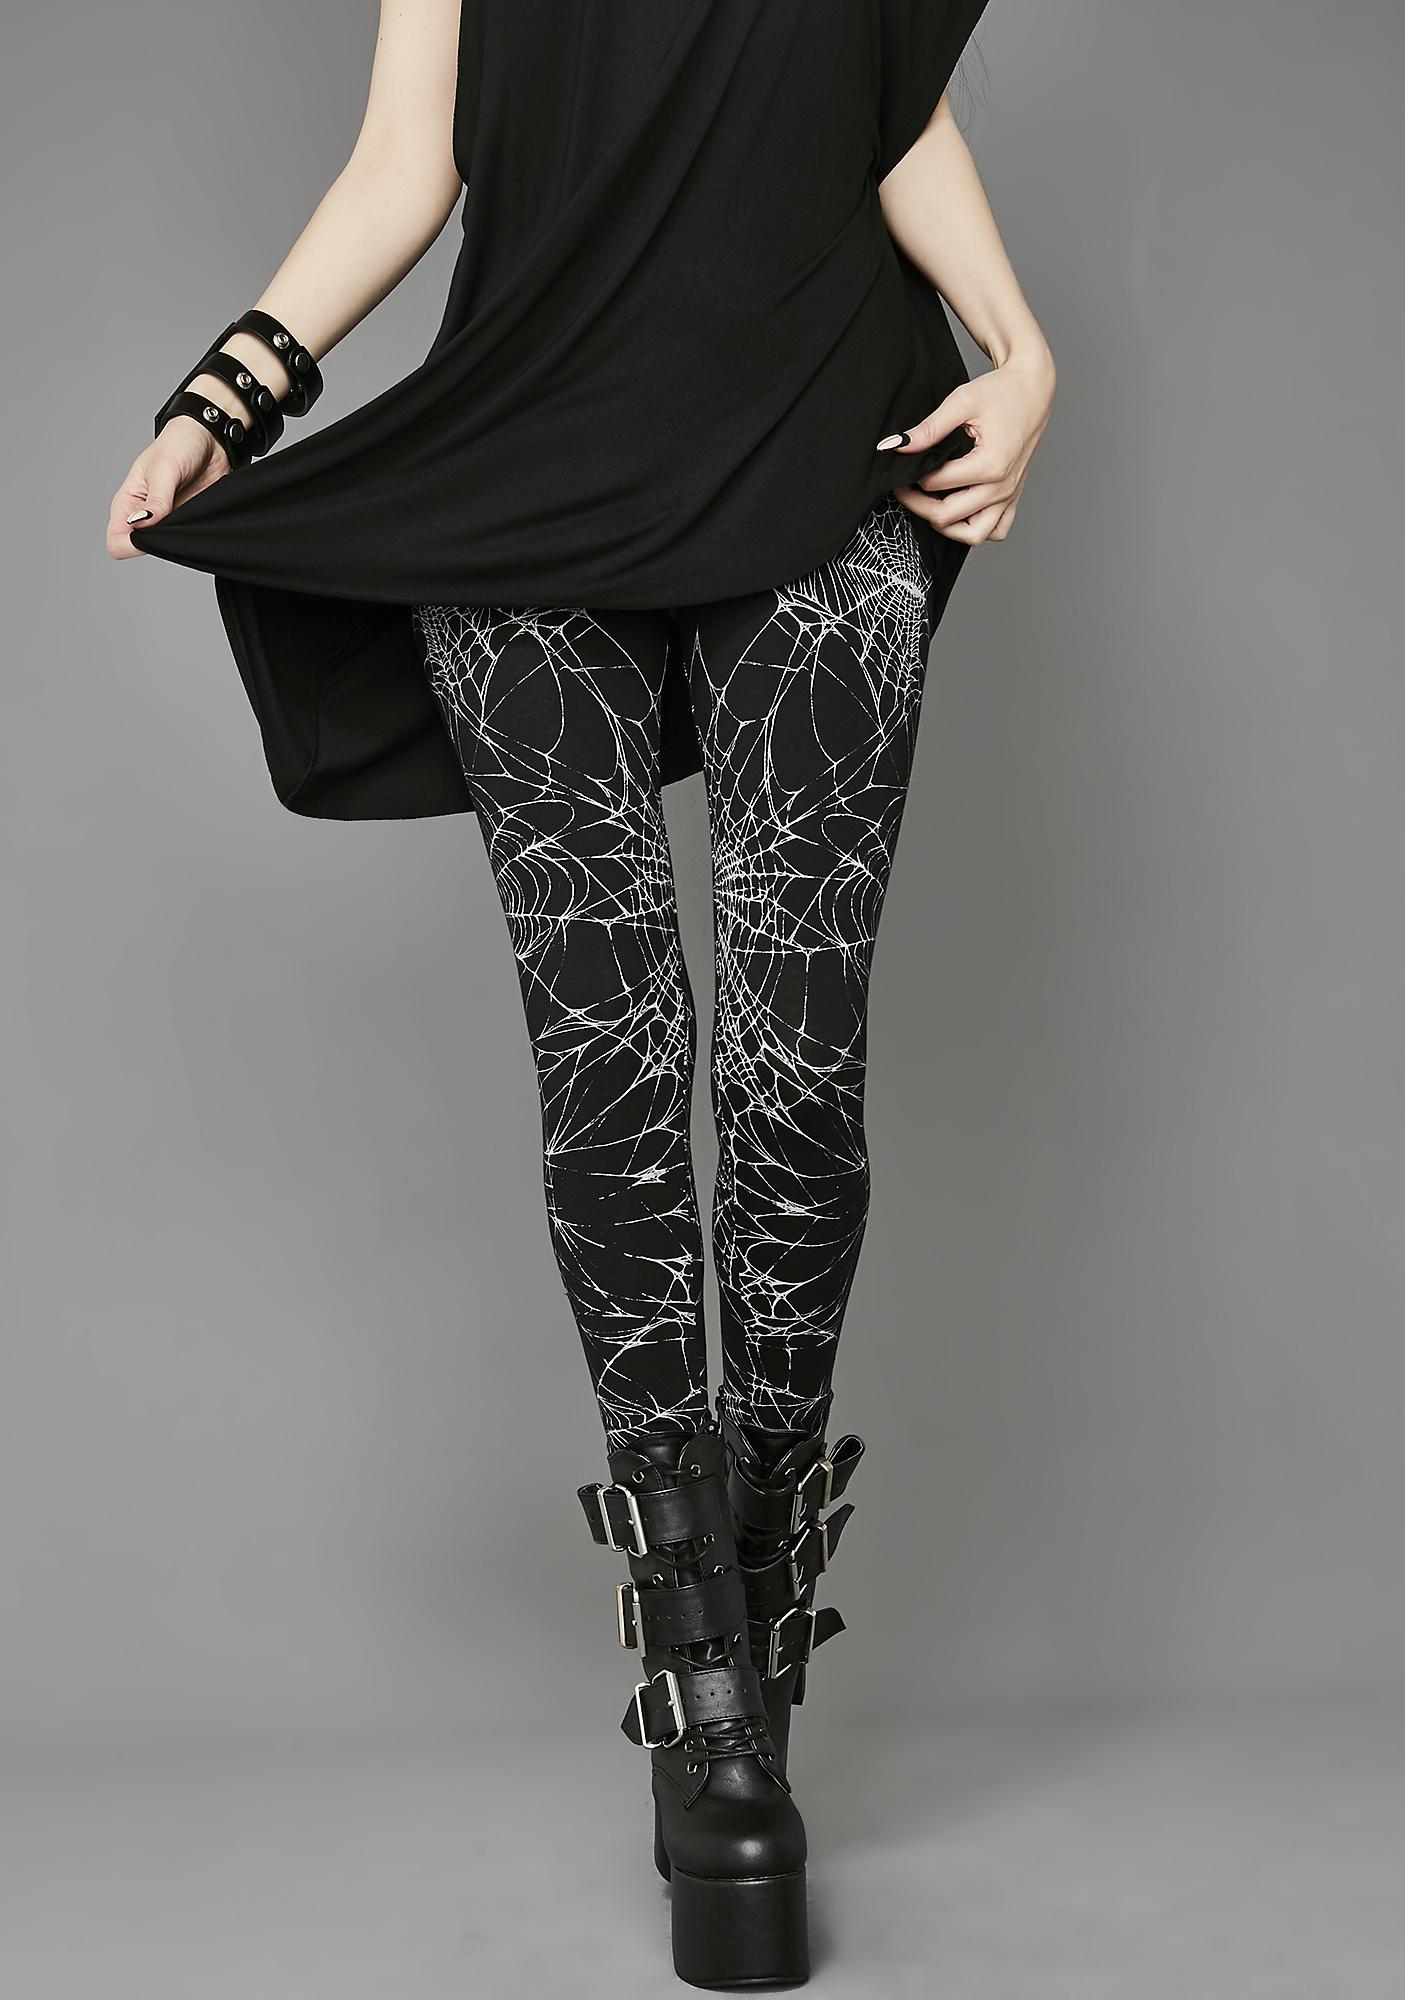 Raven's Night Leggings by Widow